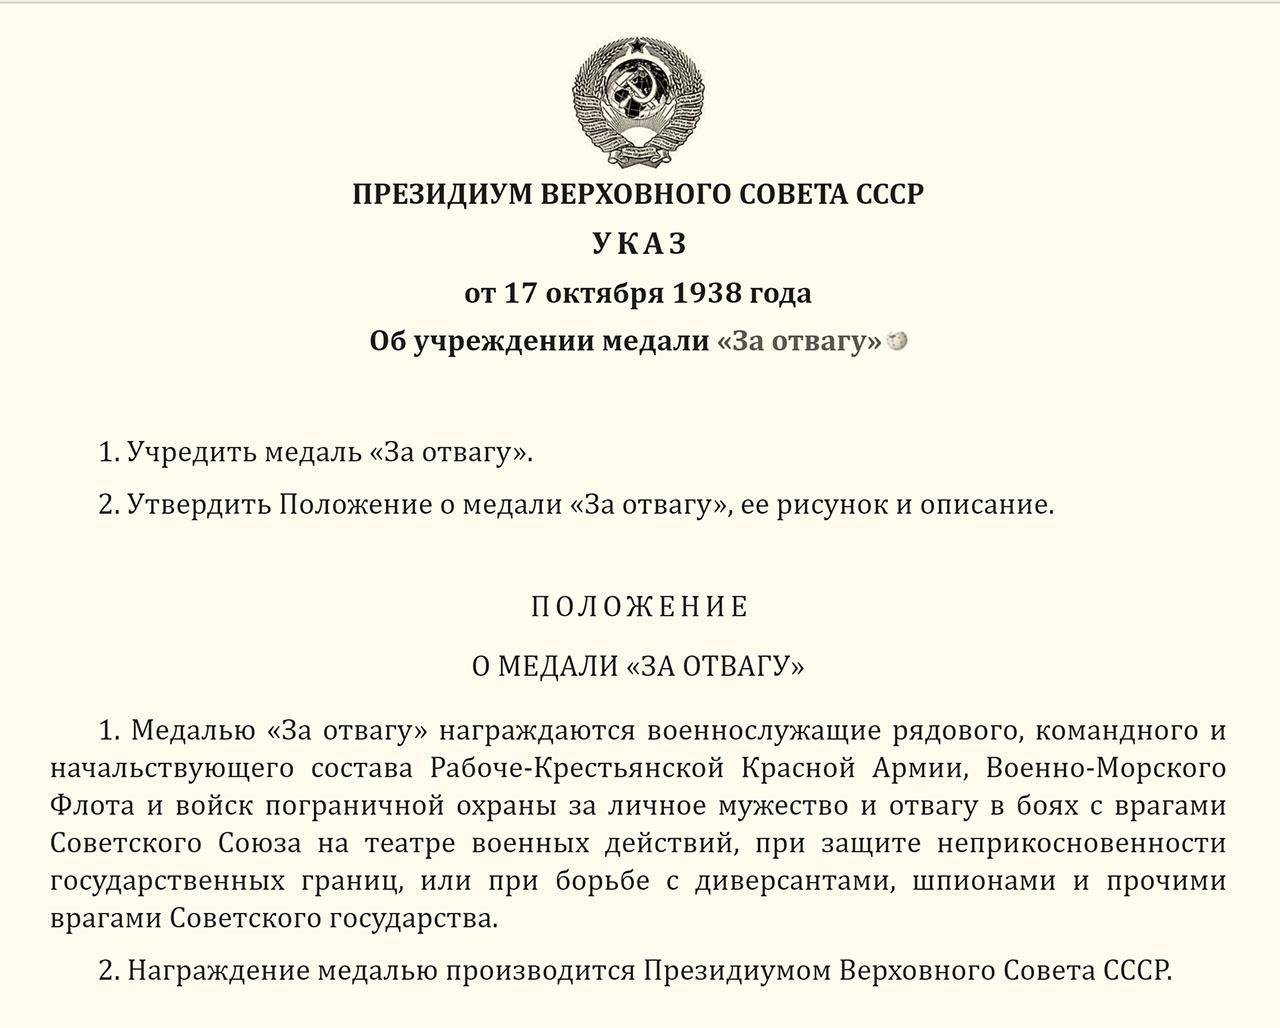 Медаль «За отвагу» была учреждена Указом Президиума Верховного Совета СССР от 17 октября 1938 года.